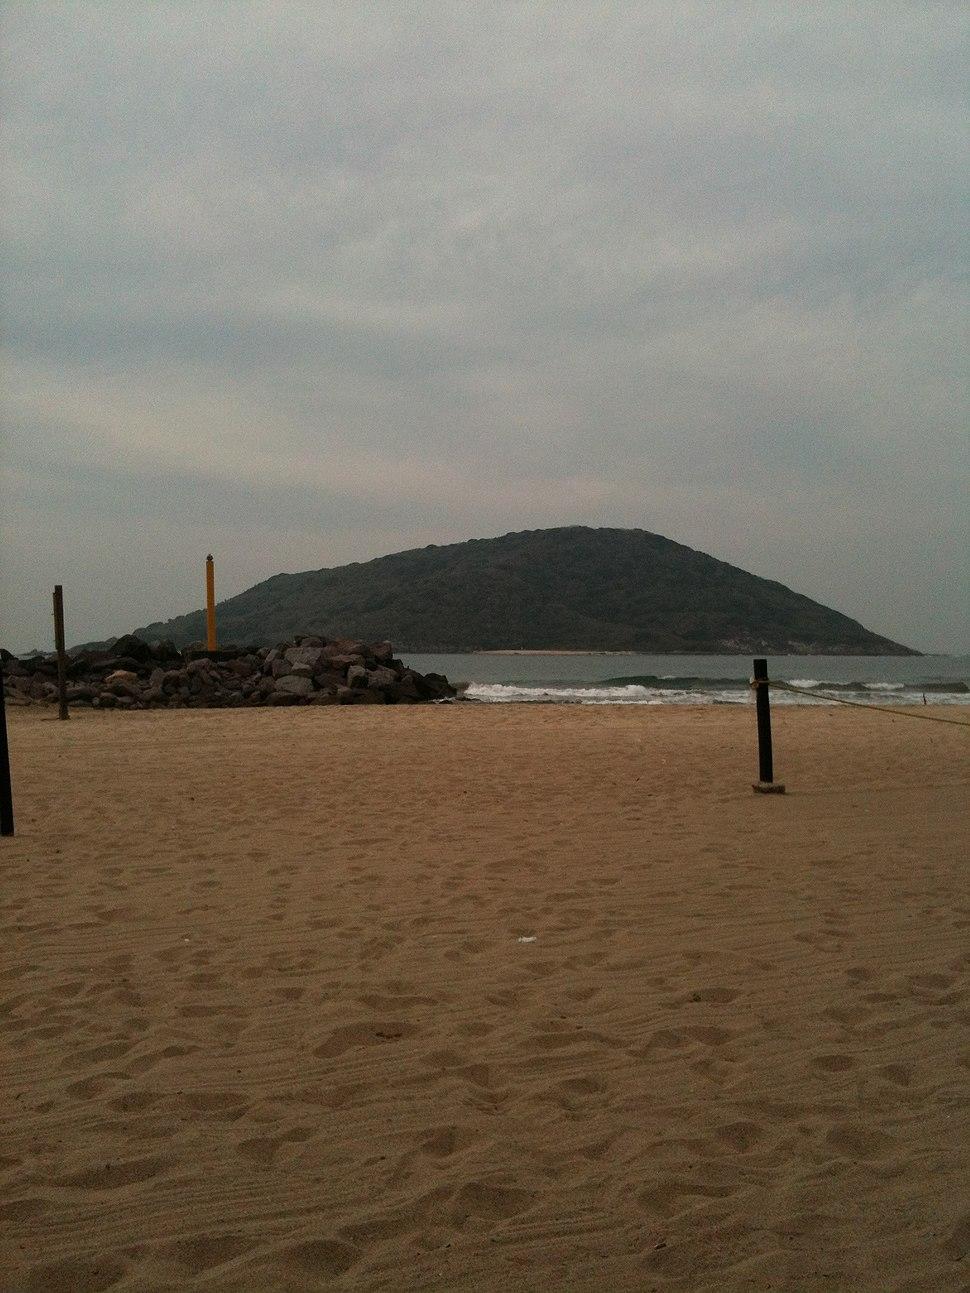 Playa de Mazatlán - panoramio